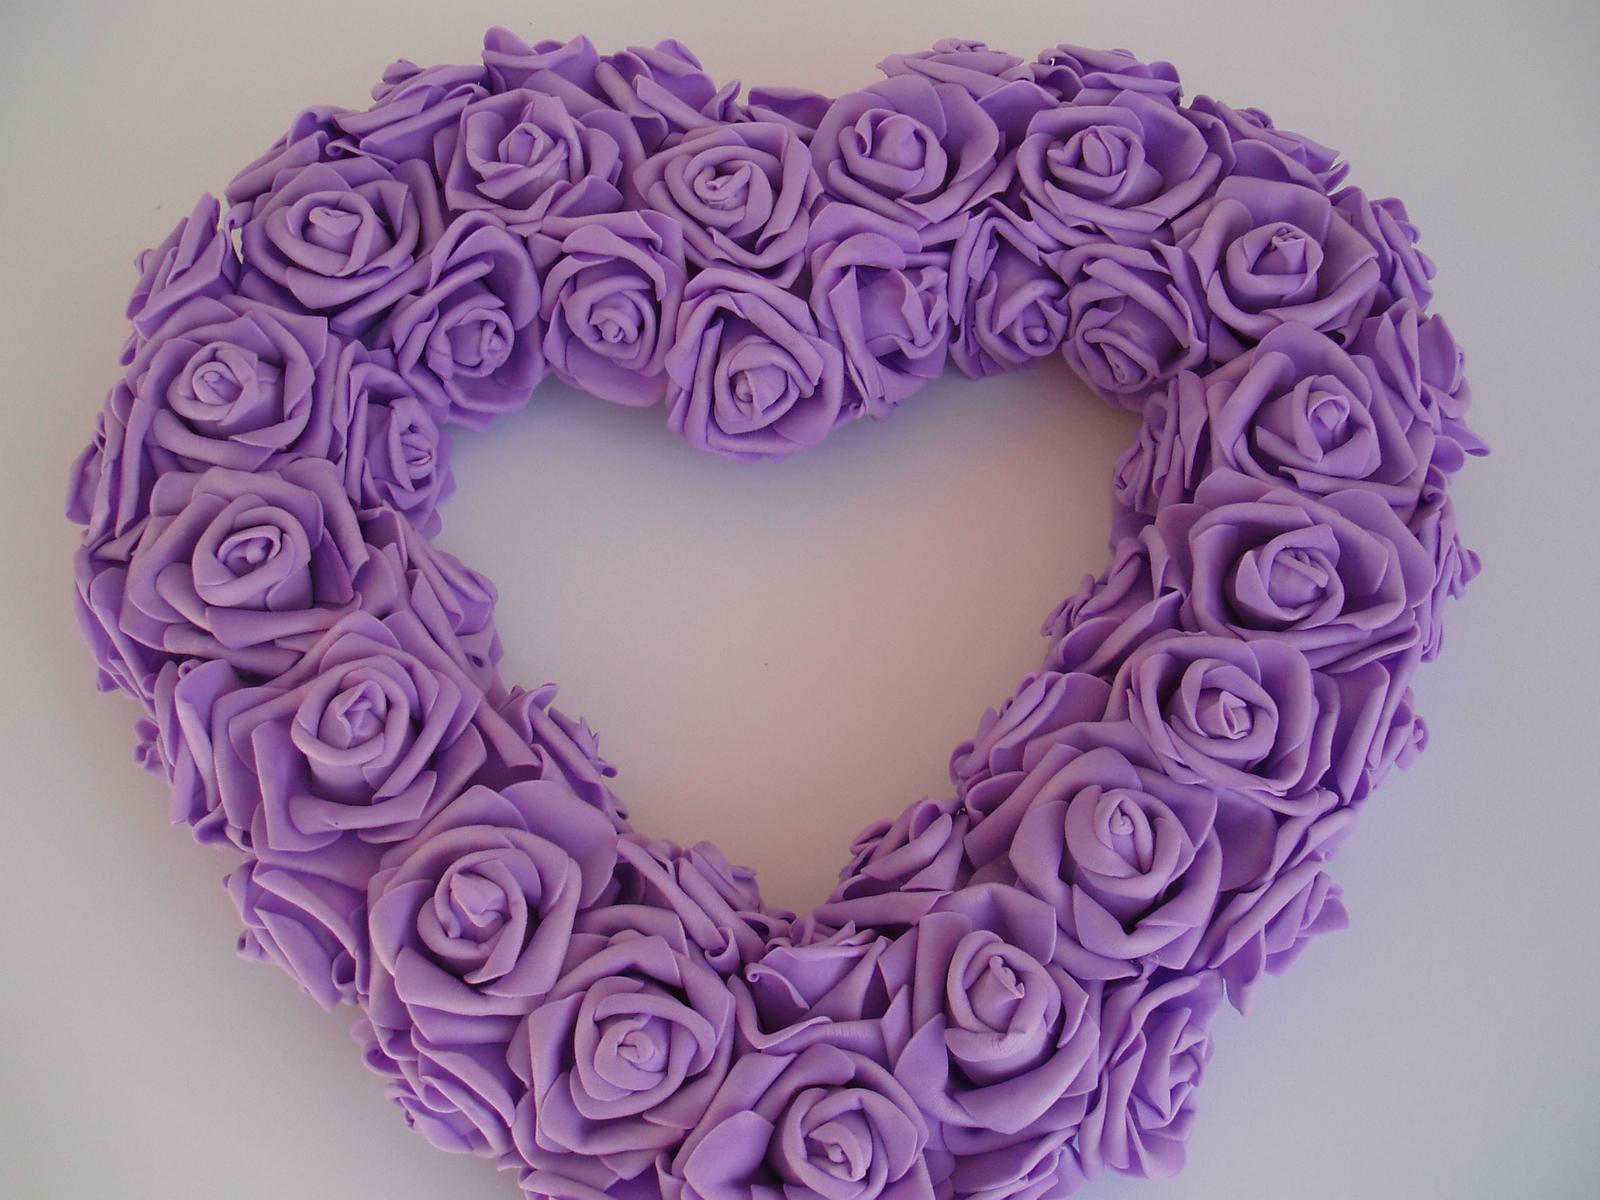 srdce z pěnových růží-fialové - Obrázek č. 3